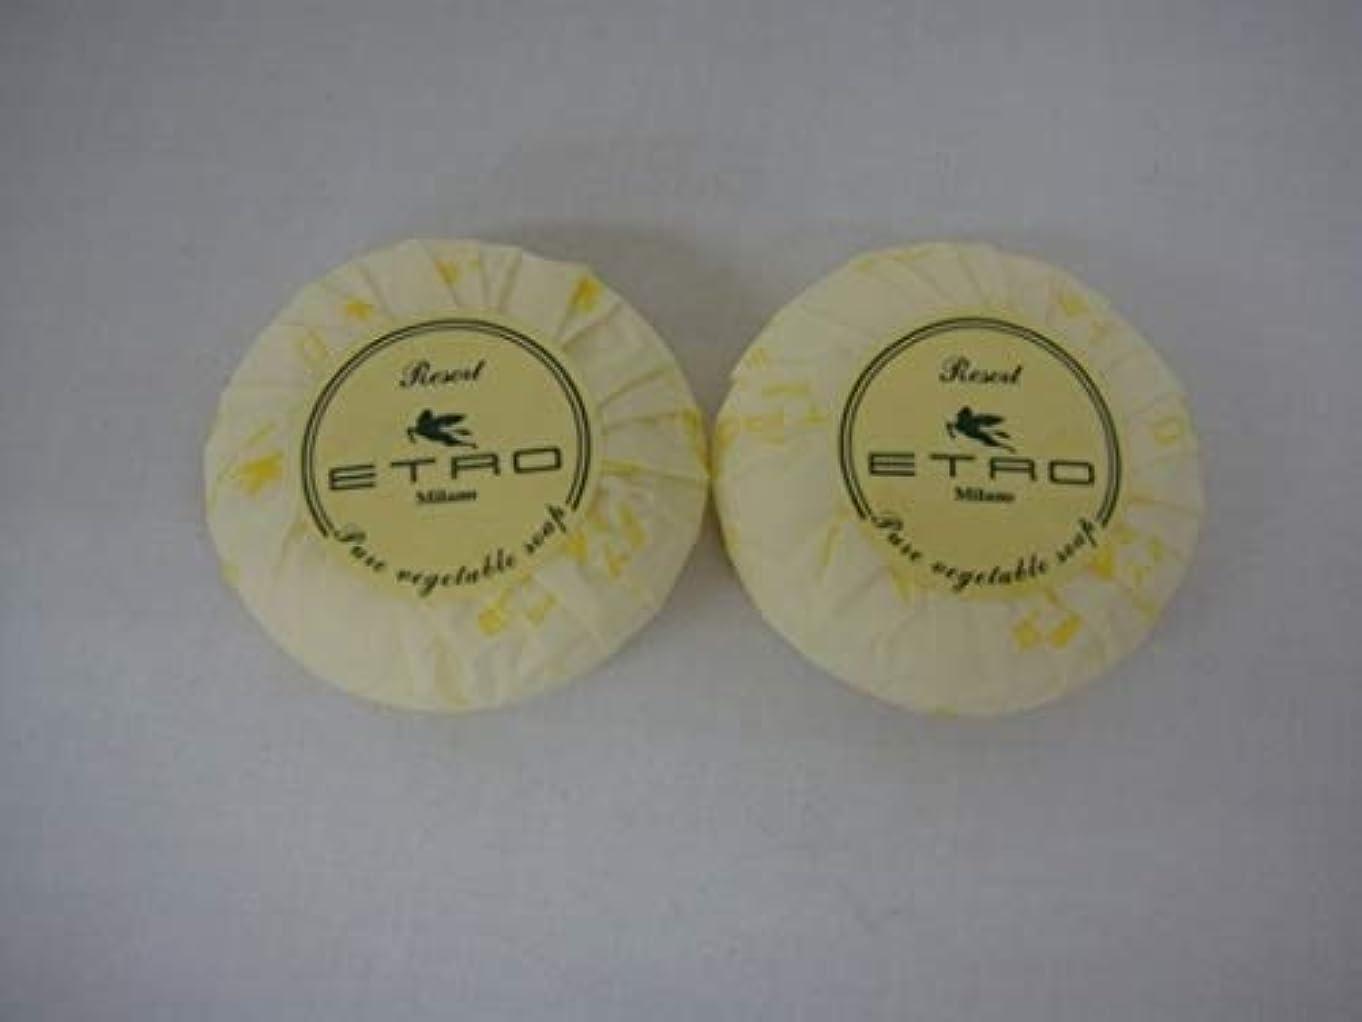 有効化ライナーファーム【X2個セット】ETRO エトロ ピュアベジタブルソープ 石鹸40g×2個 (合計4個)